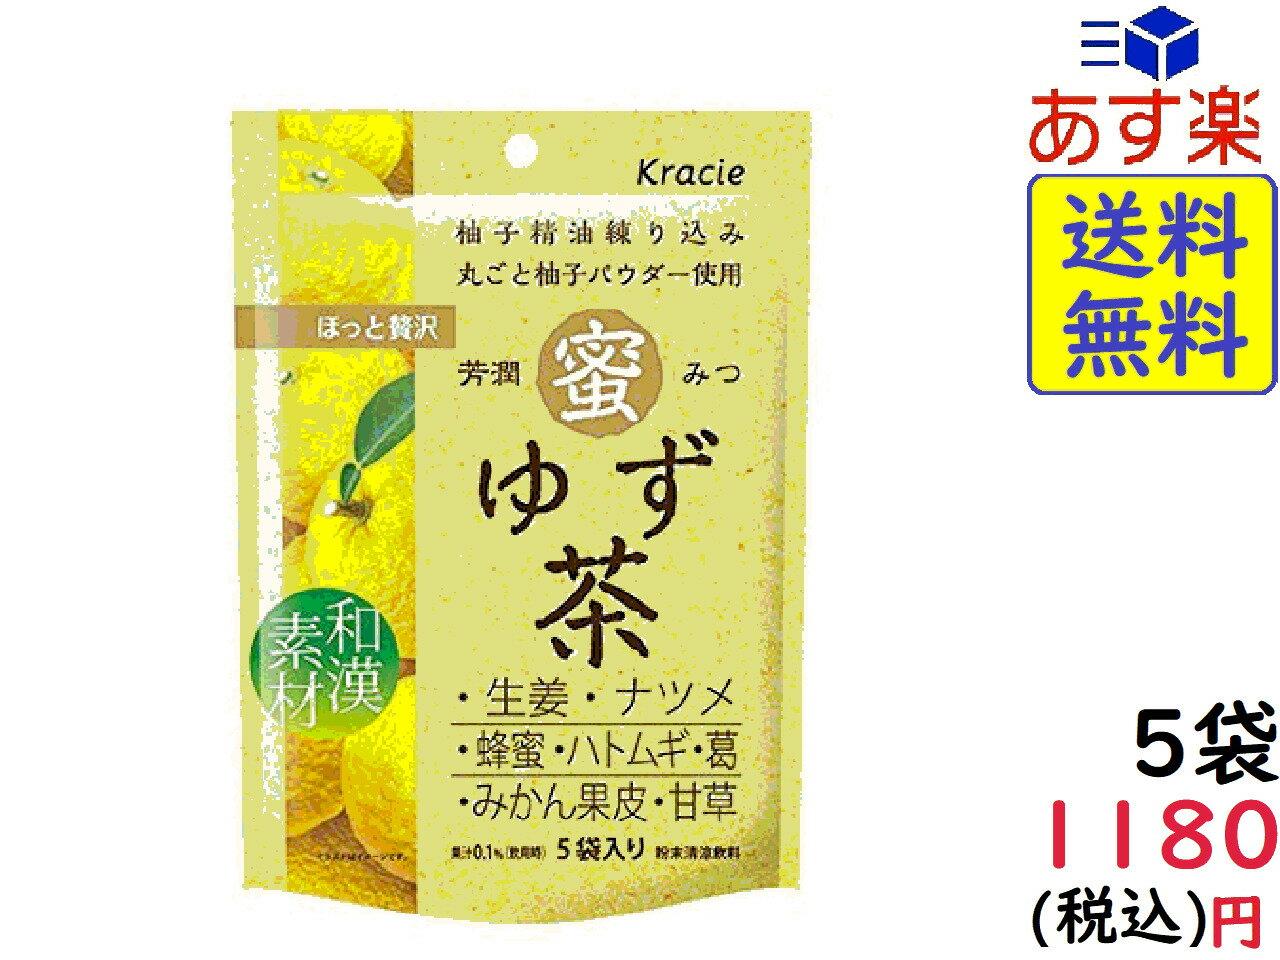 クラシエフーズ ほっと贅沢 芳醇蜜ゆず茶 15.4g×5袋×5袋 賞味期限2020/10